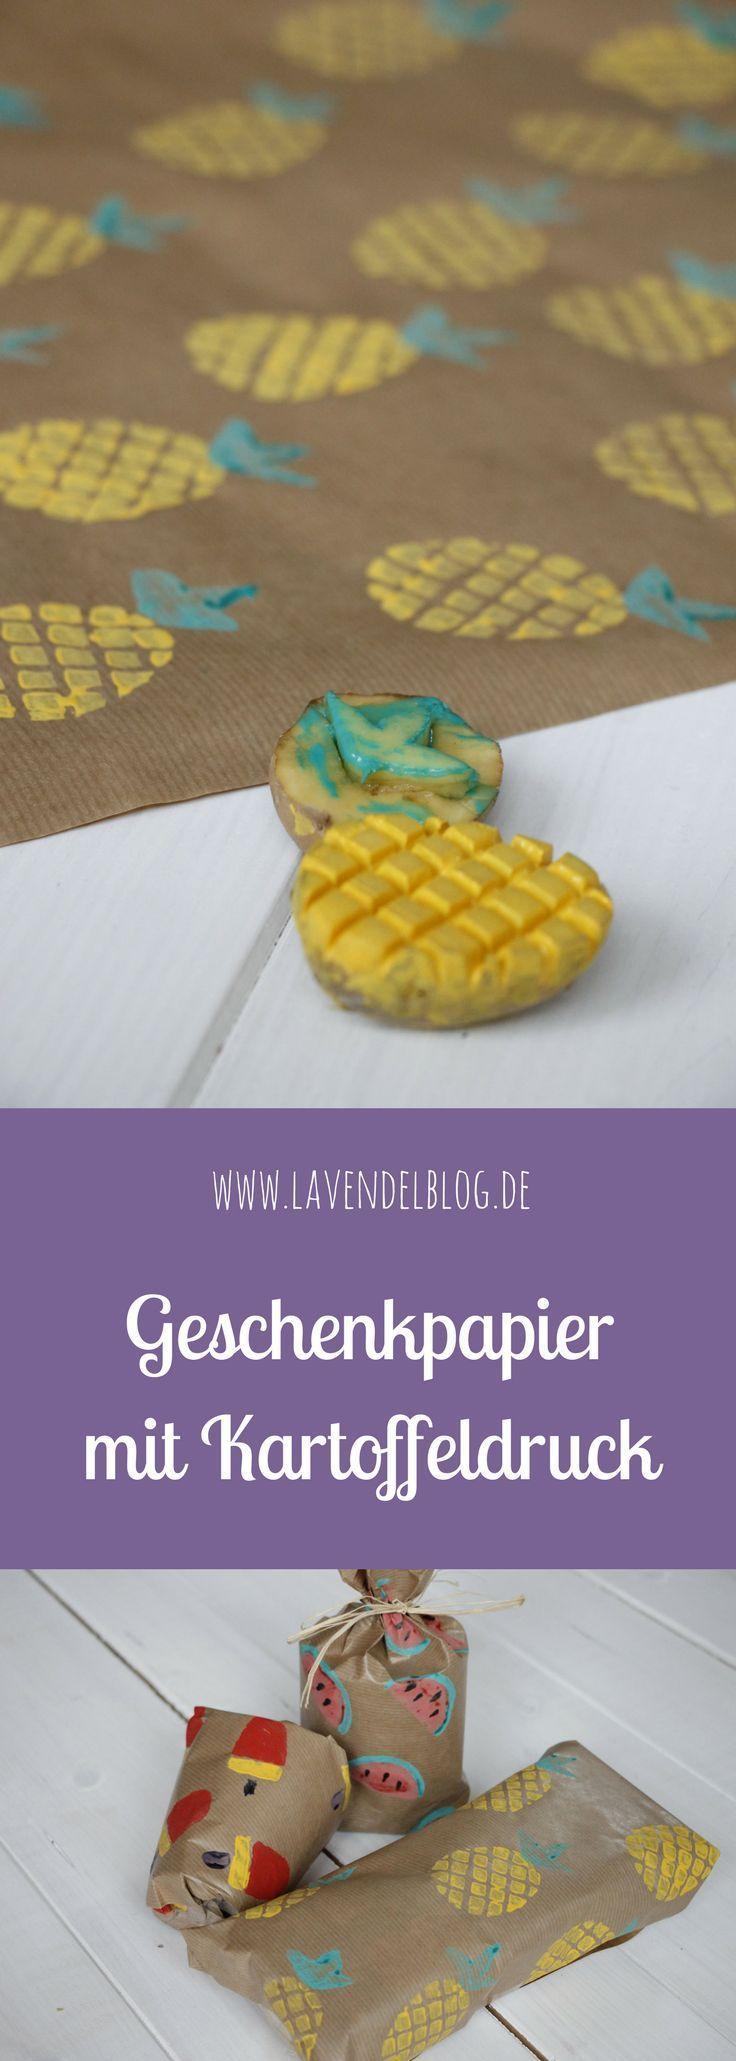 DIY Idee: Geschenkpapier Mit Kartoffeldruck Selbermachen